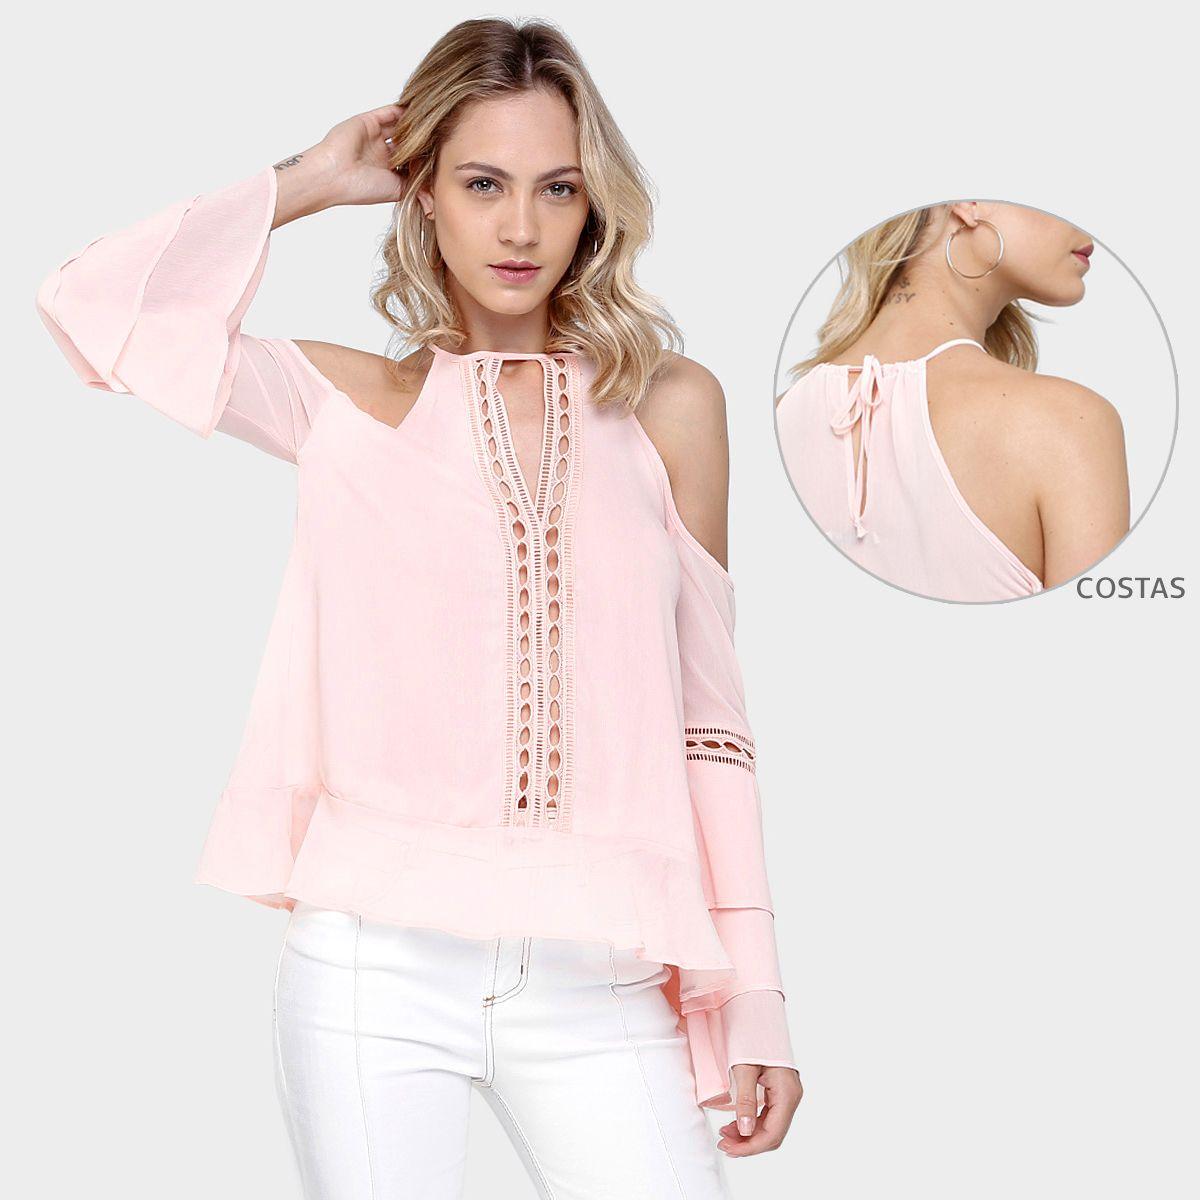 Compre Blusa Colcci Recortes Rendada Rosa na Zattini a nova loja de moda online da Netshoes. Encontre Sapatos, Sandálias, Bolsas e Acessórios. Clique e Confira!